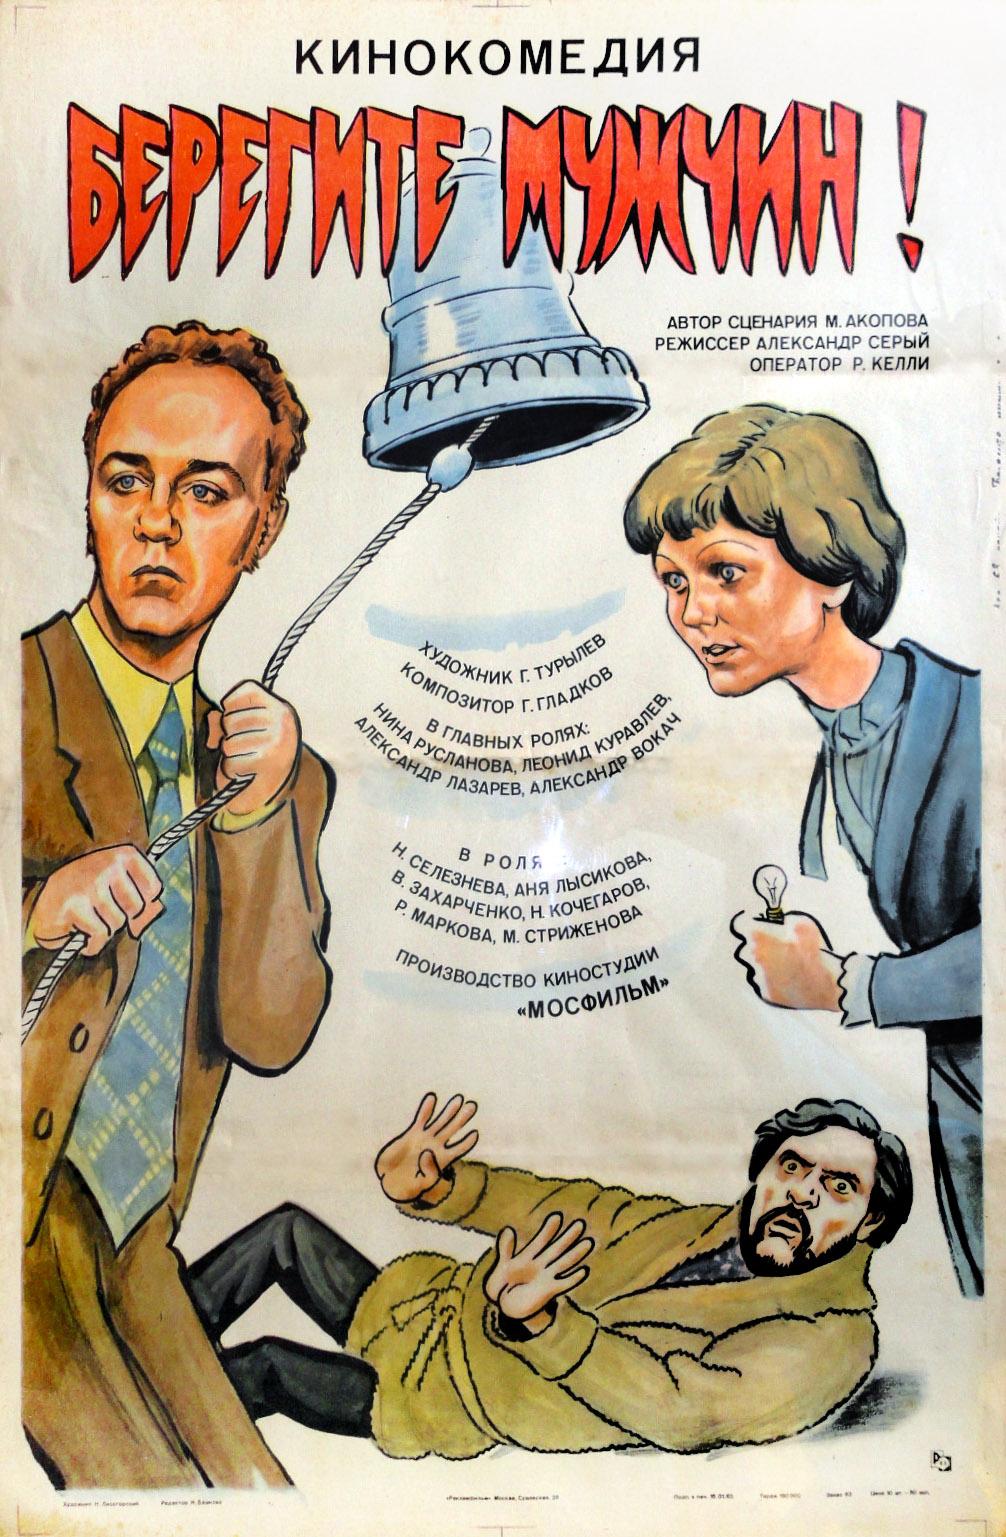 Beregite muzhchin! ((1982))